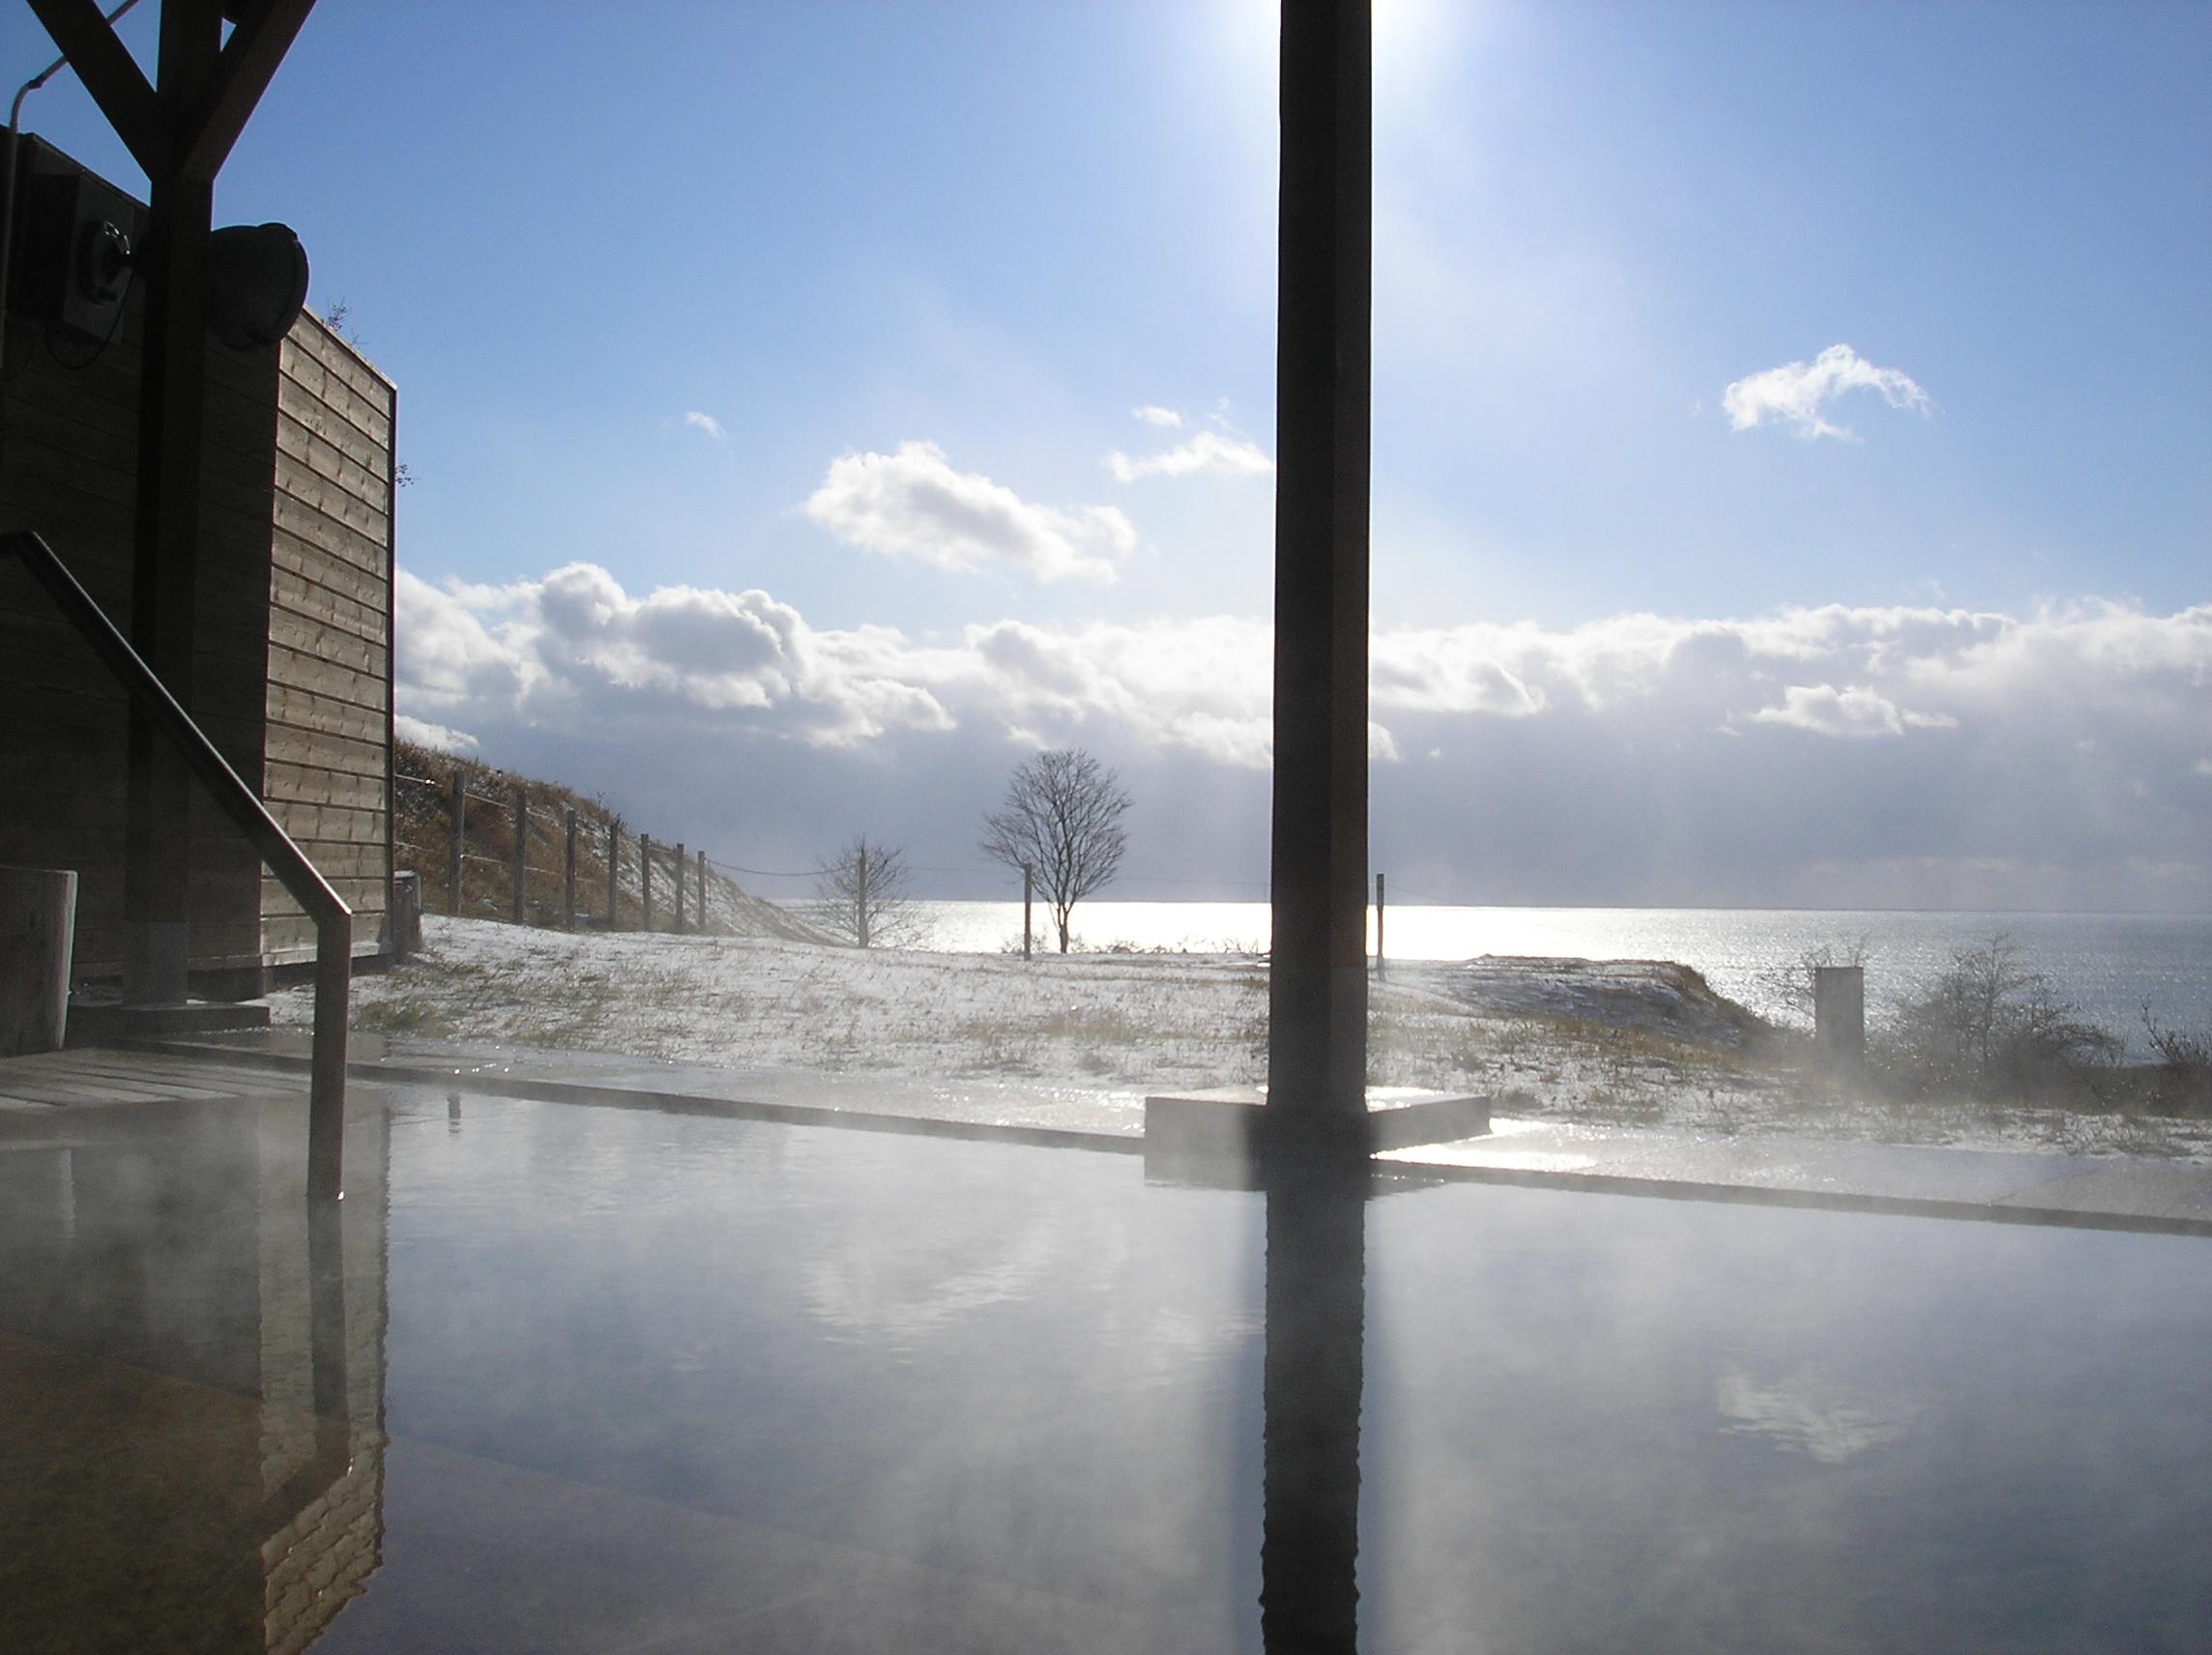 虎杖濱溫泉 Hotel Izumi:享受海景露天浴池與在地螃蟹、和牛的山珍佳餚